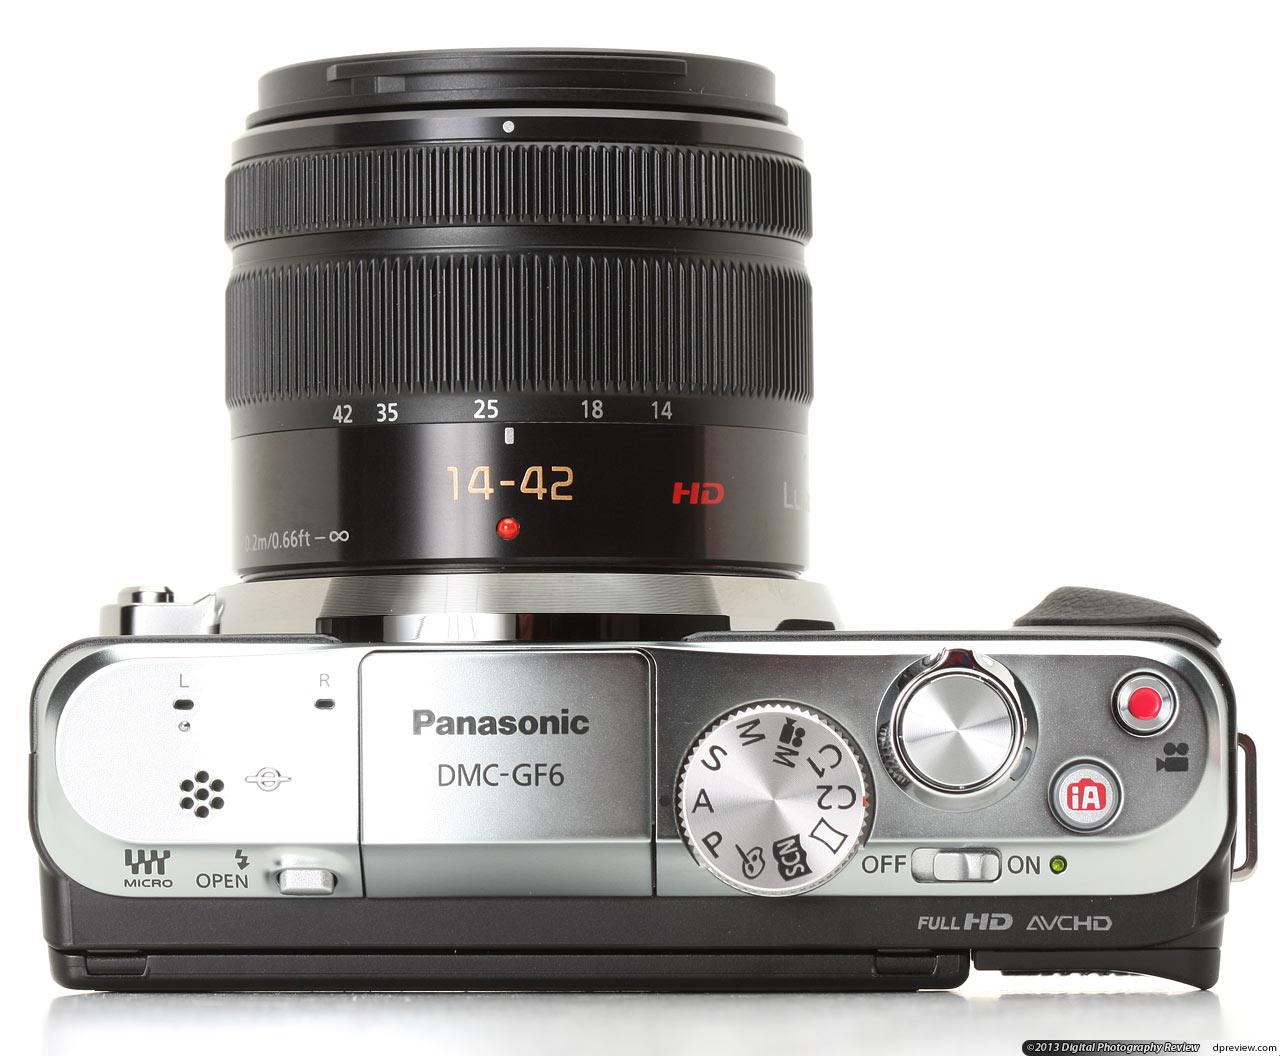 panasonic 松下 lumix dmc-gf6 微型可换镜头相机-顶部图片